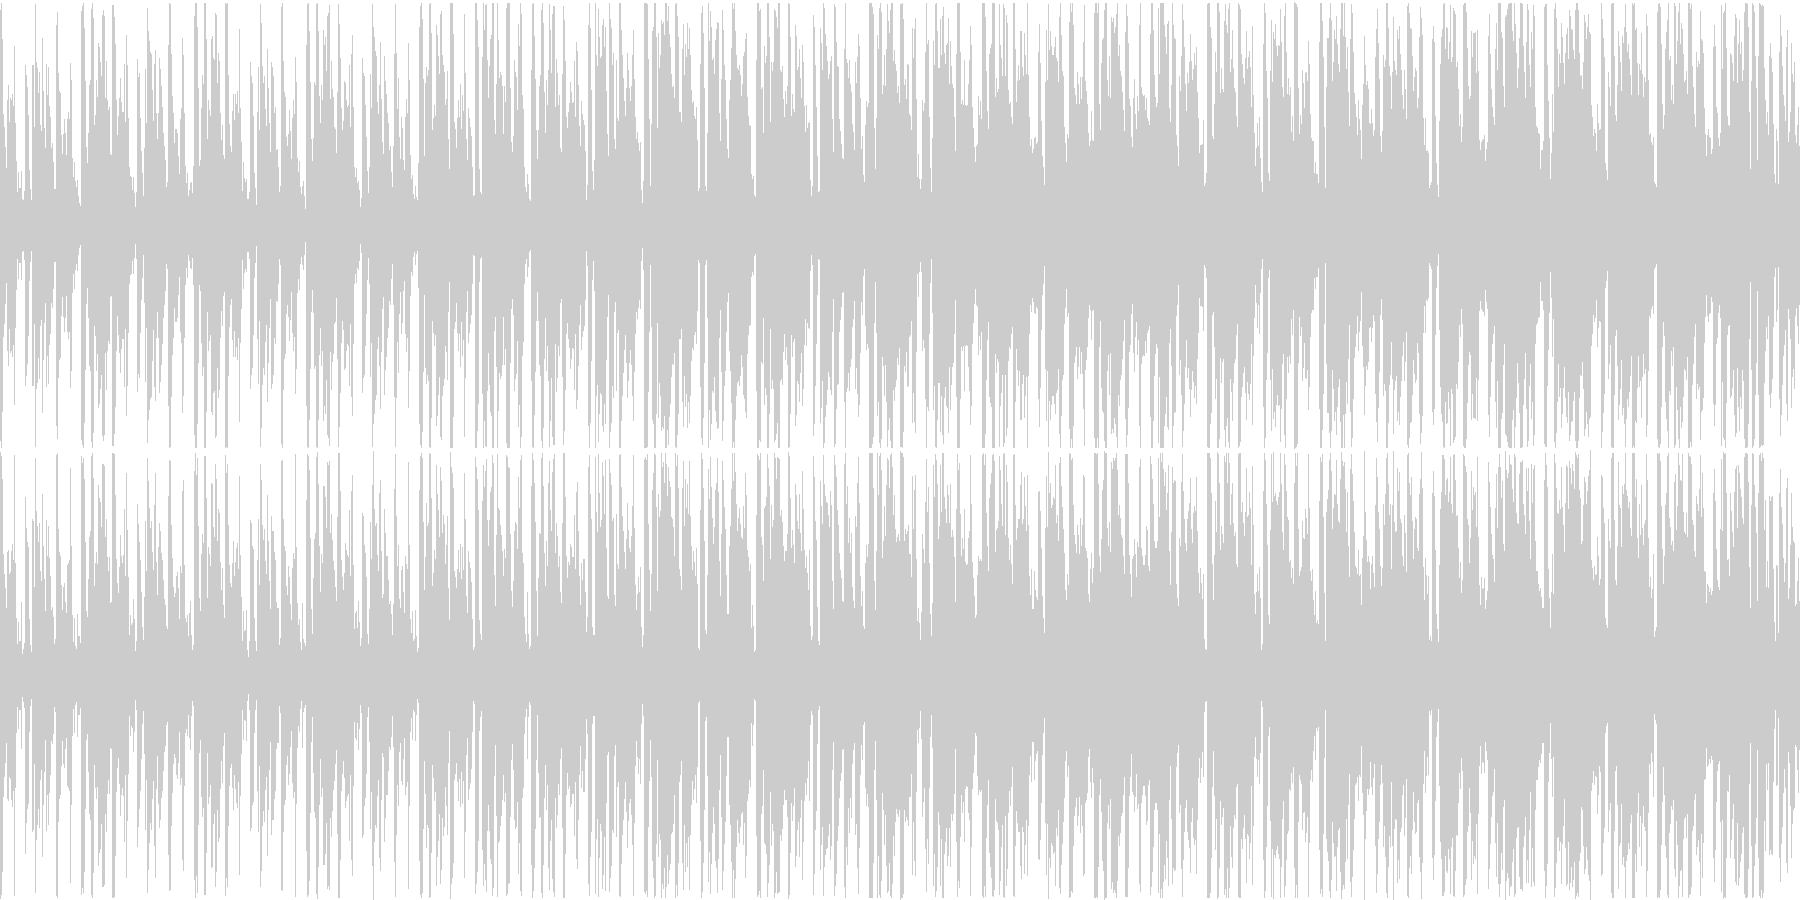 ギターが渋いAcid Jazz(ループ)の未再生の波形